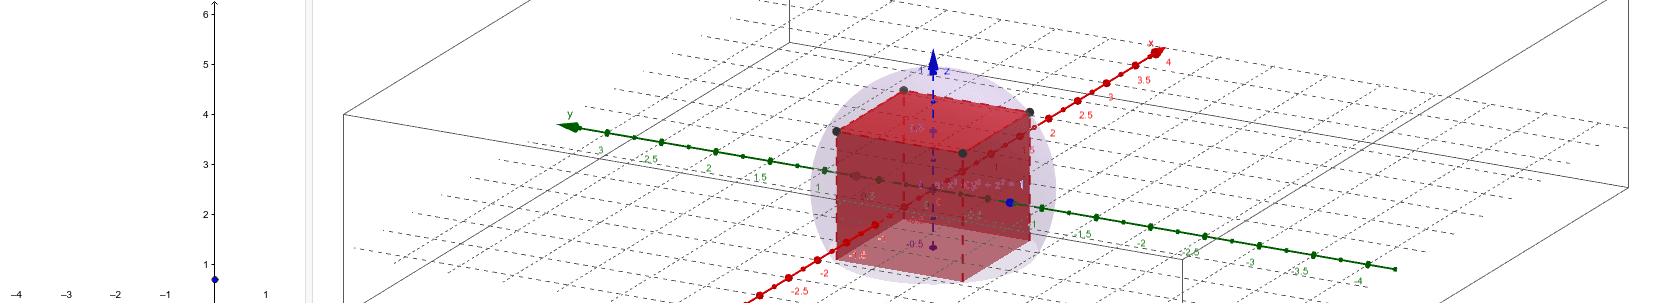 Solidi platonici in 3D (5): Cubo